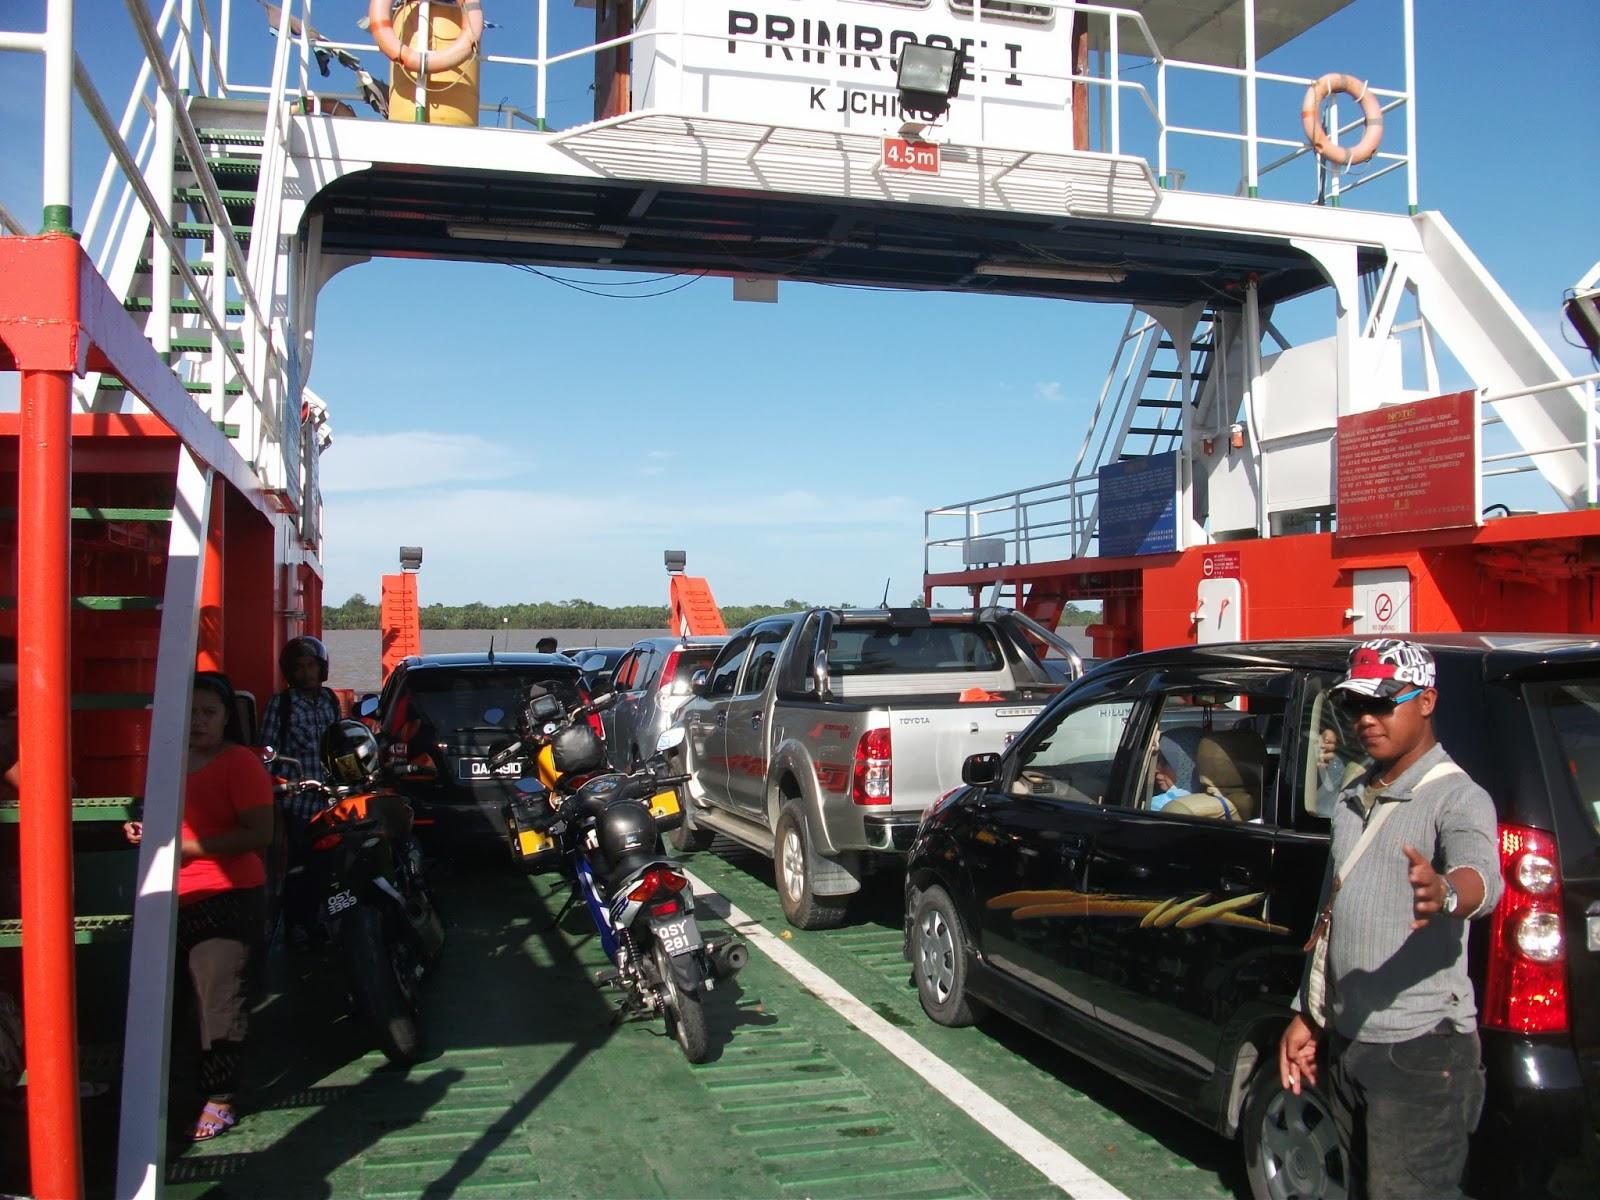 Primrose I - the Batang Saribas ferry